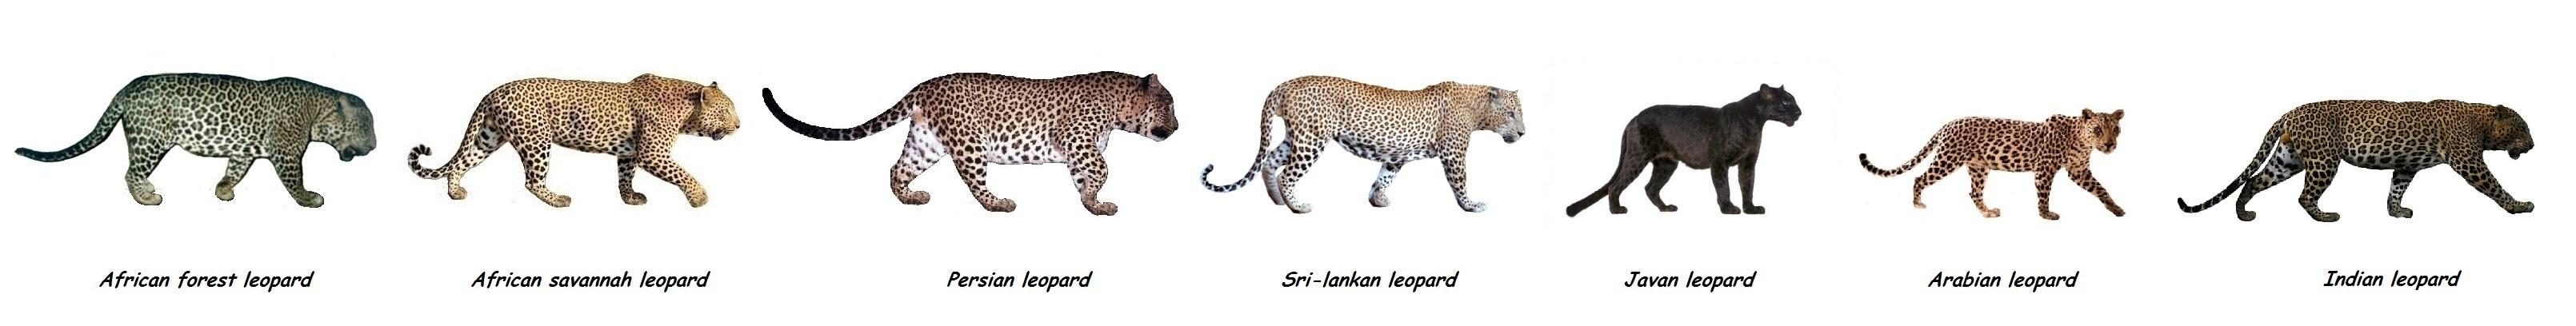 leopard and jaguar comparison - photo #10